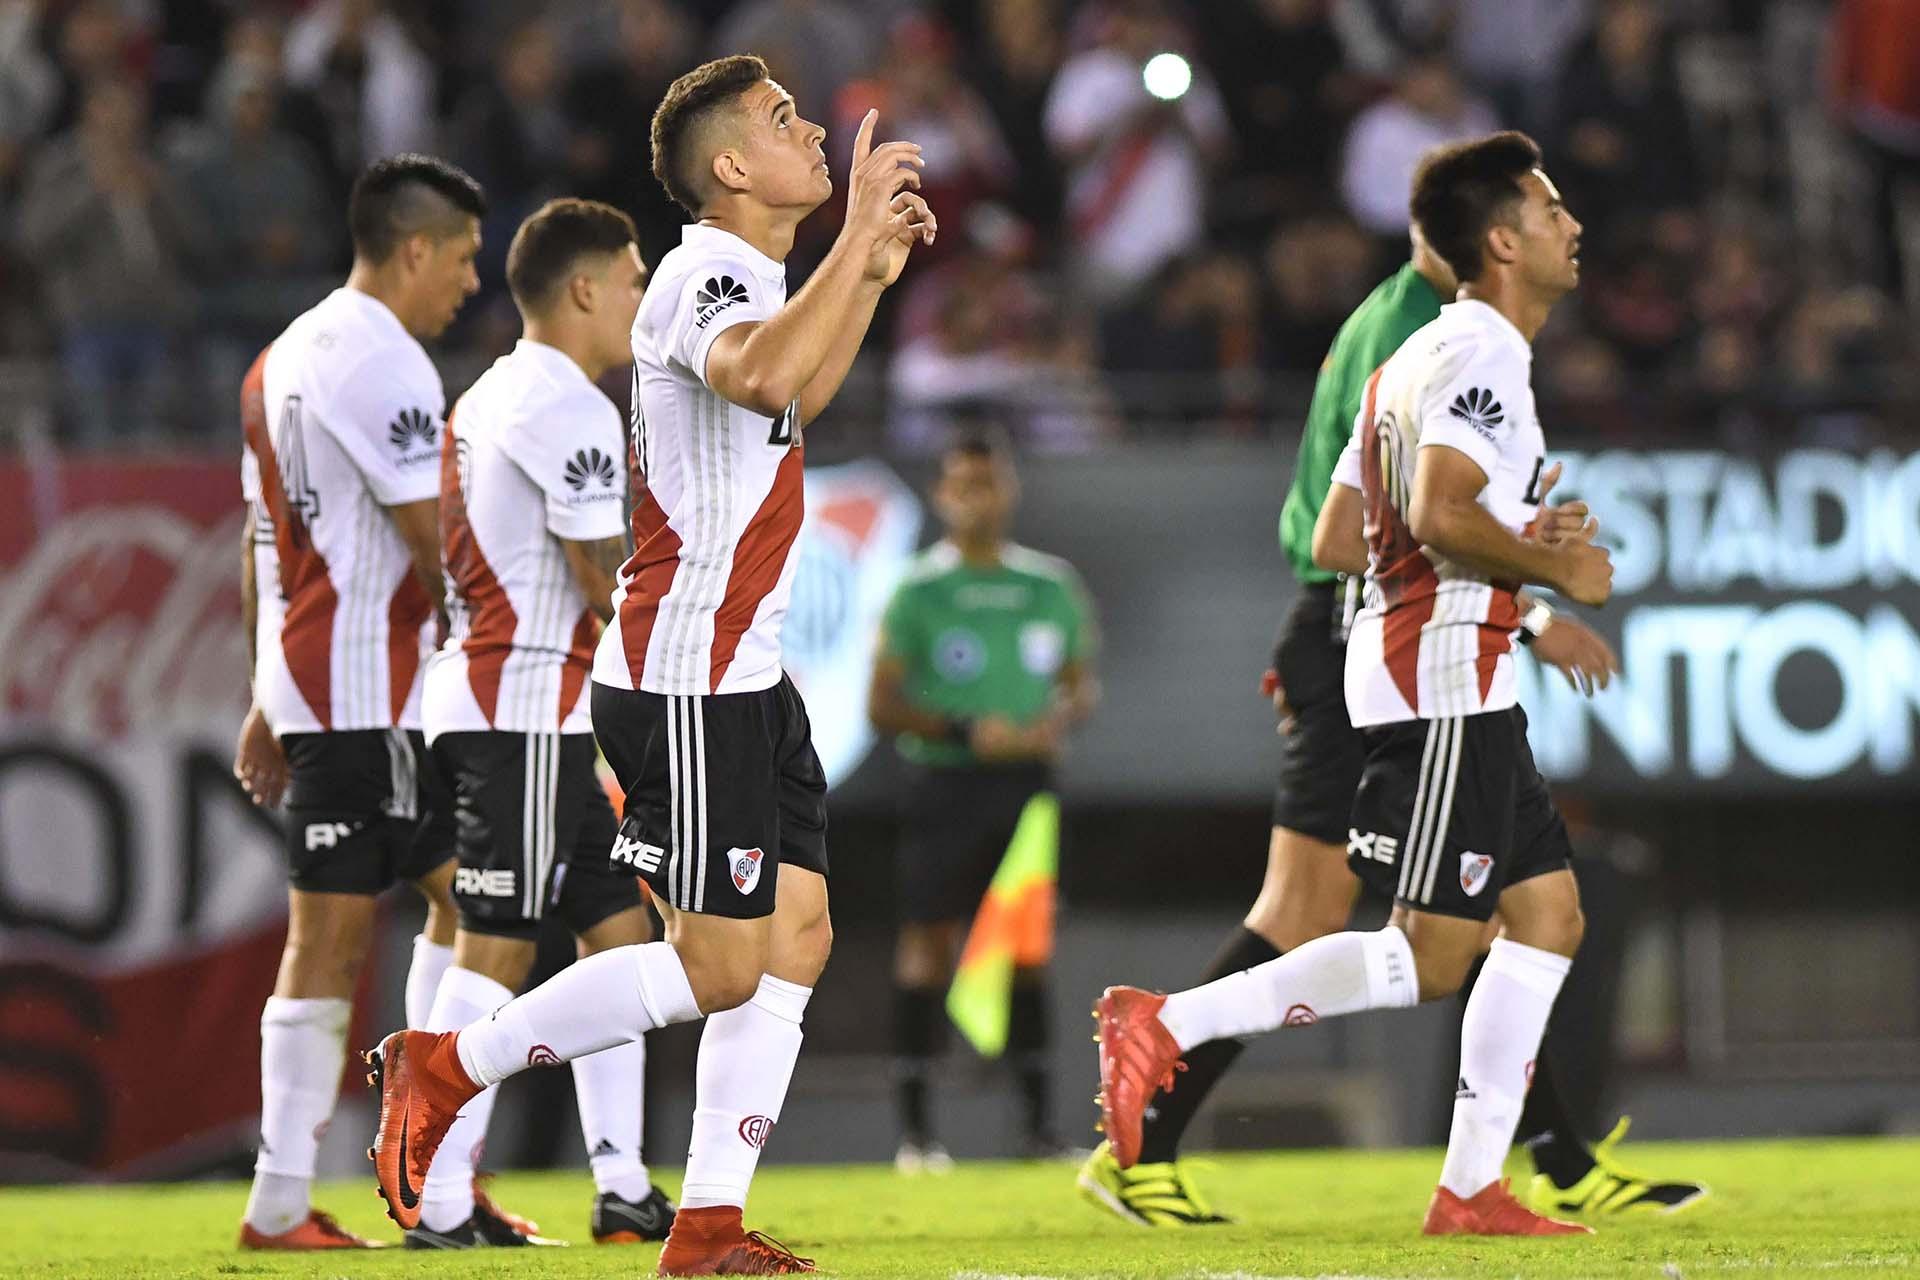 River Plate y Rosario Central jugaron en el estadio Monumental, por la 23ra. fecha de la Superliga. (Foto: Télam)